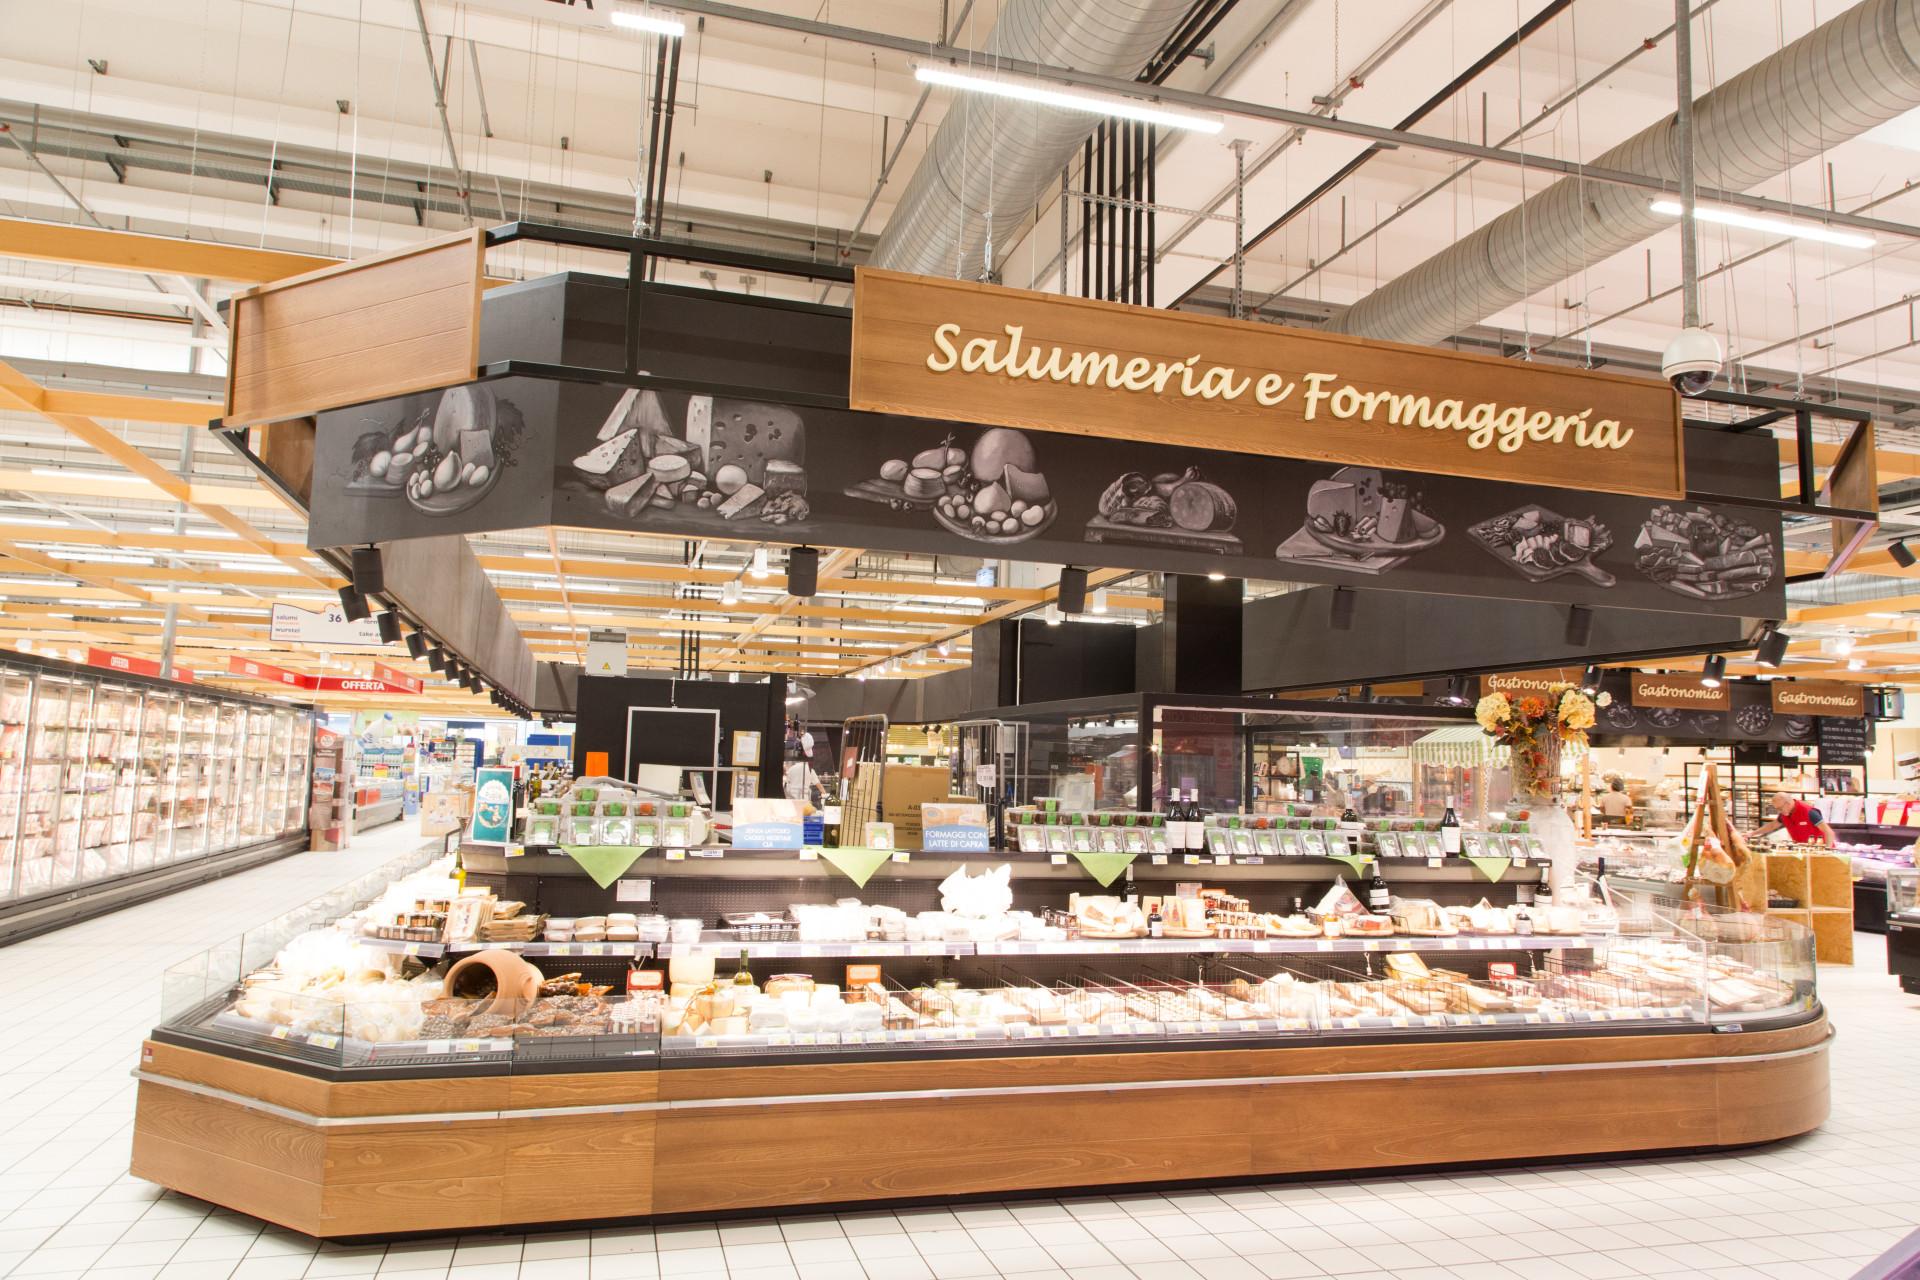 Conad Le Befane Ortofrutta-Gastronomia